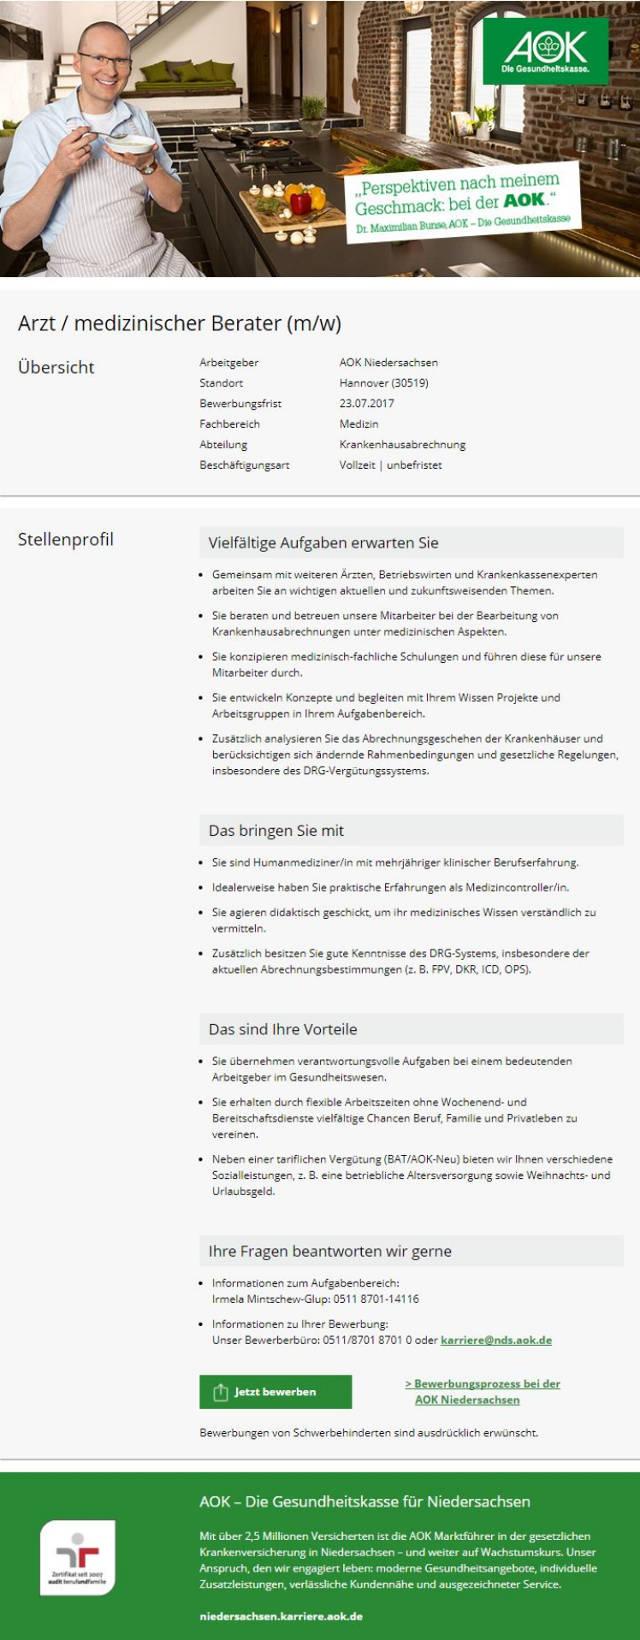 AOK - Die Gesundheitskasse für Niedersachsen, Hannover: Arzt / medizinischer Berater (m/w)